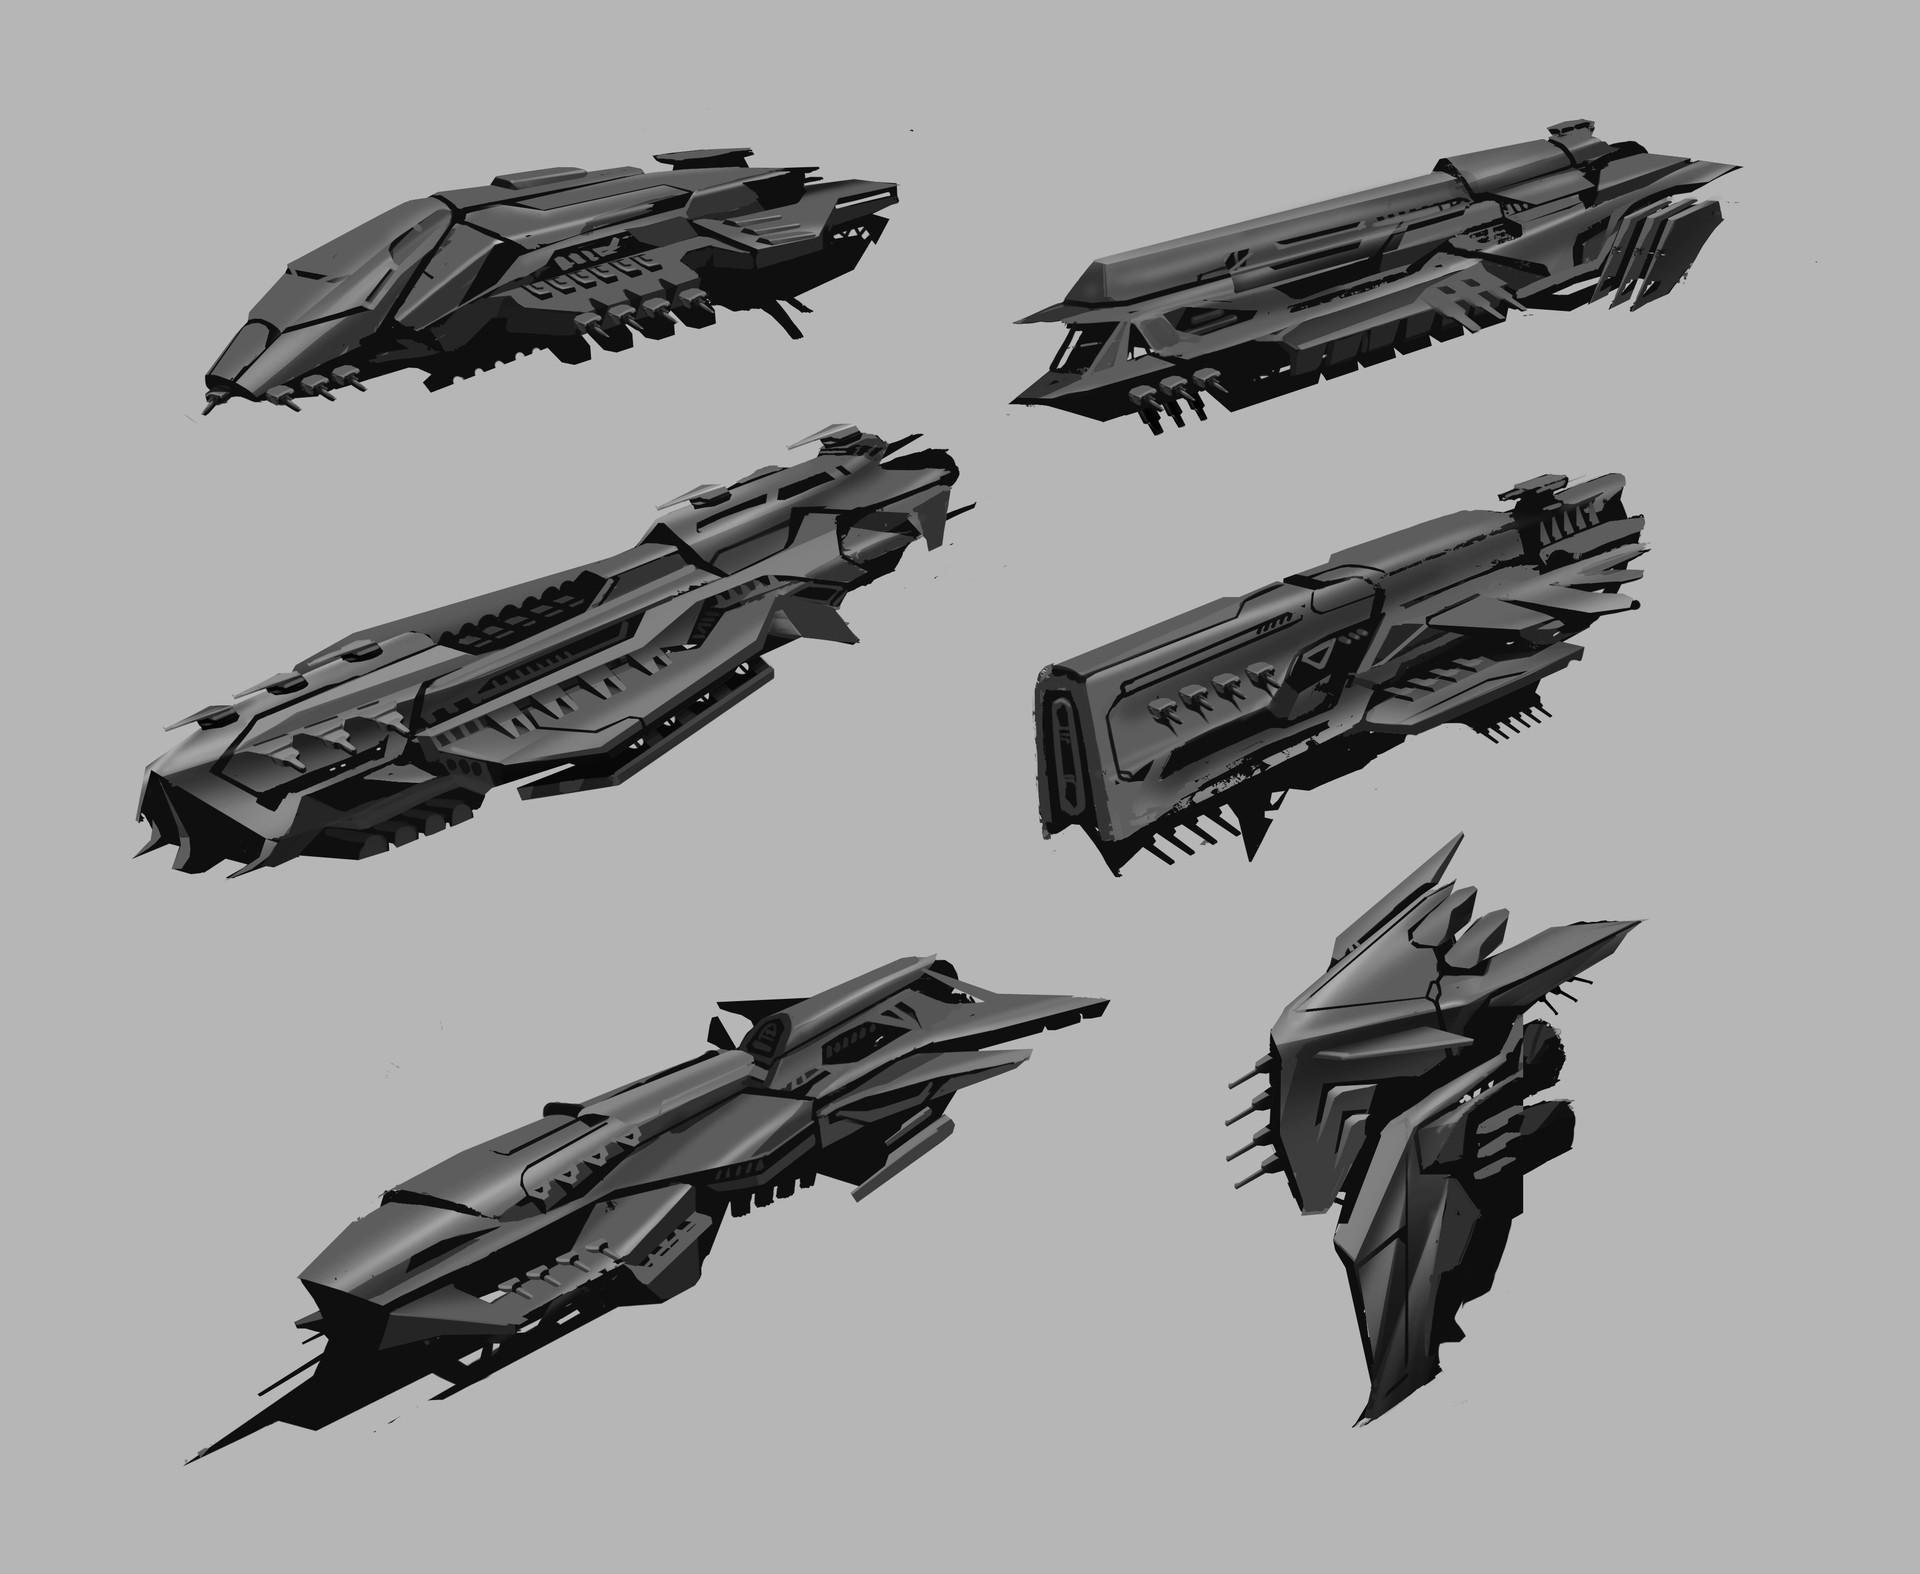 Nagy norbert spaceship concept v2